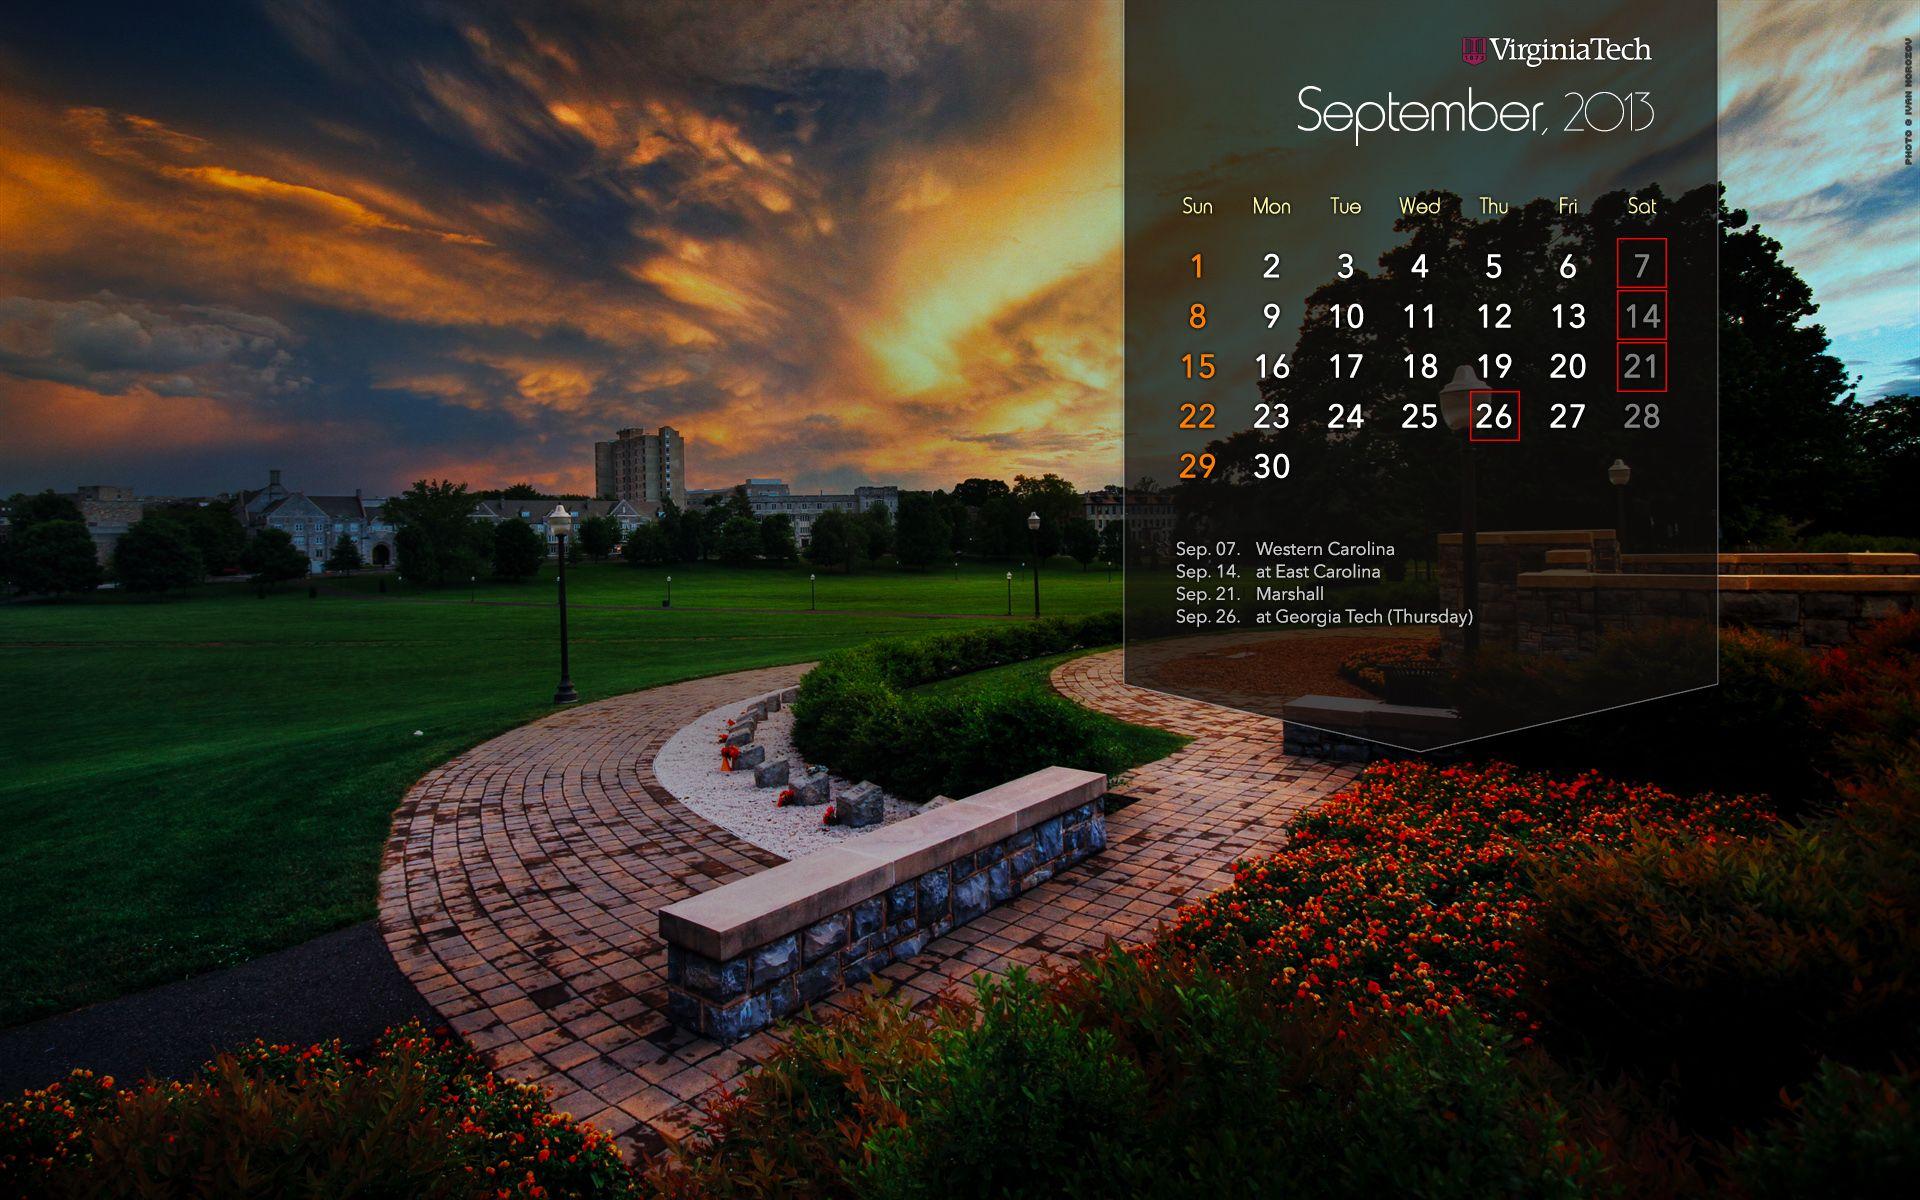 September 2019 Hd Wallpaper Calendar Calendar Wallpaper Desktop Calendar 2019 Calendar